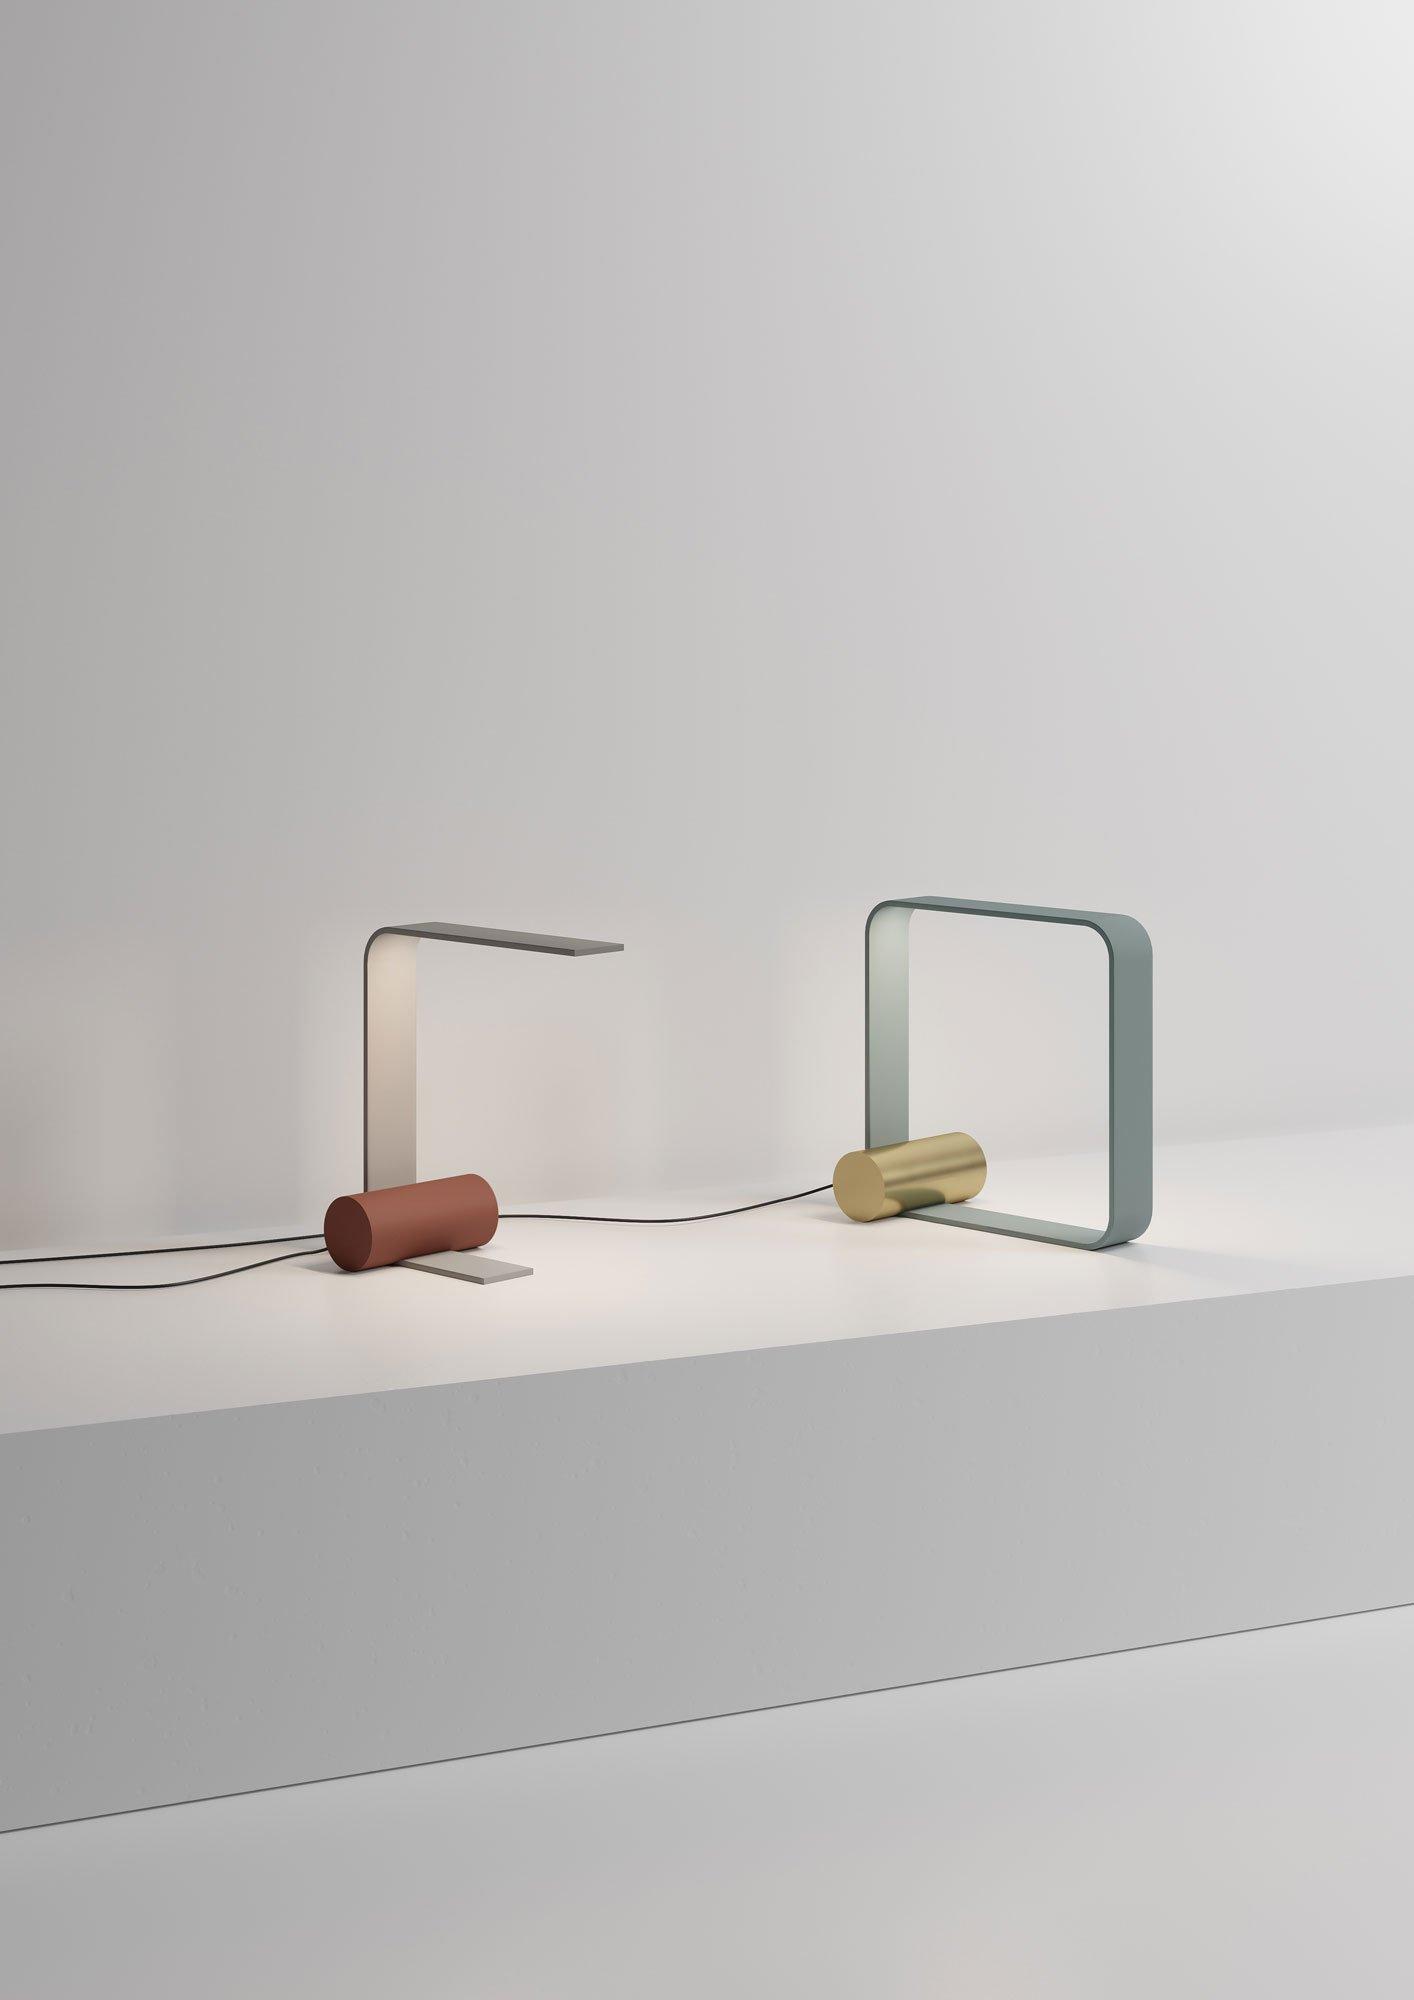 Leuchtenkollektion von Studiopepe für Tooy